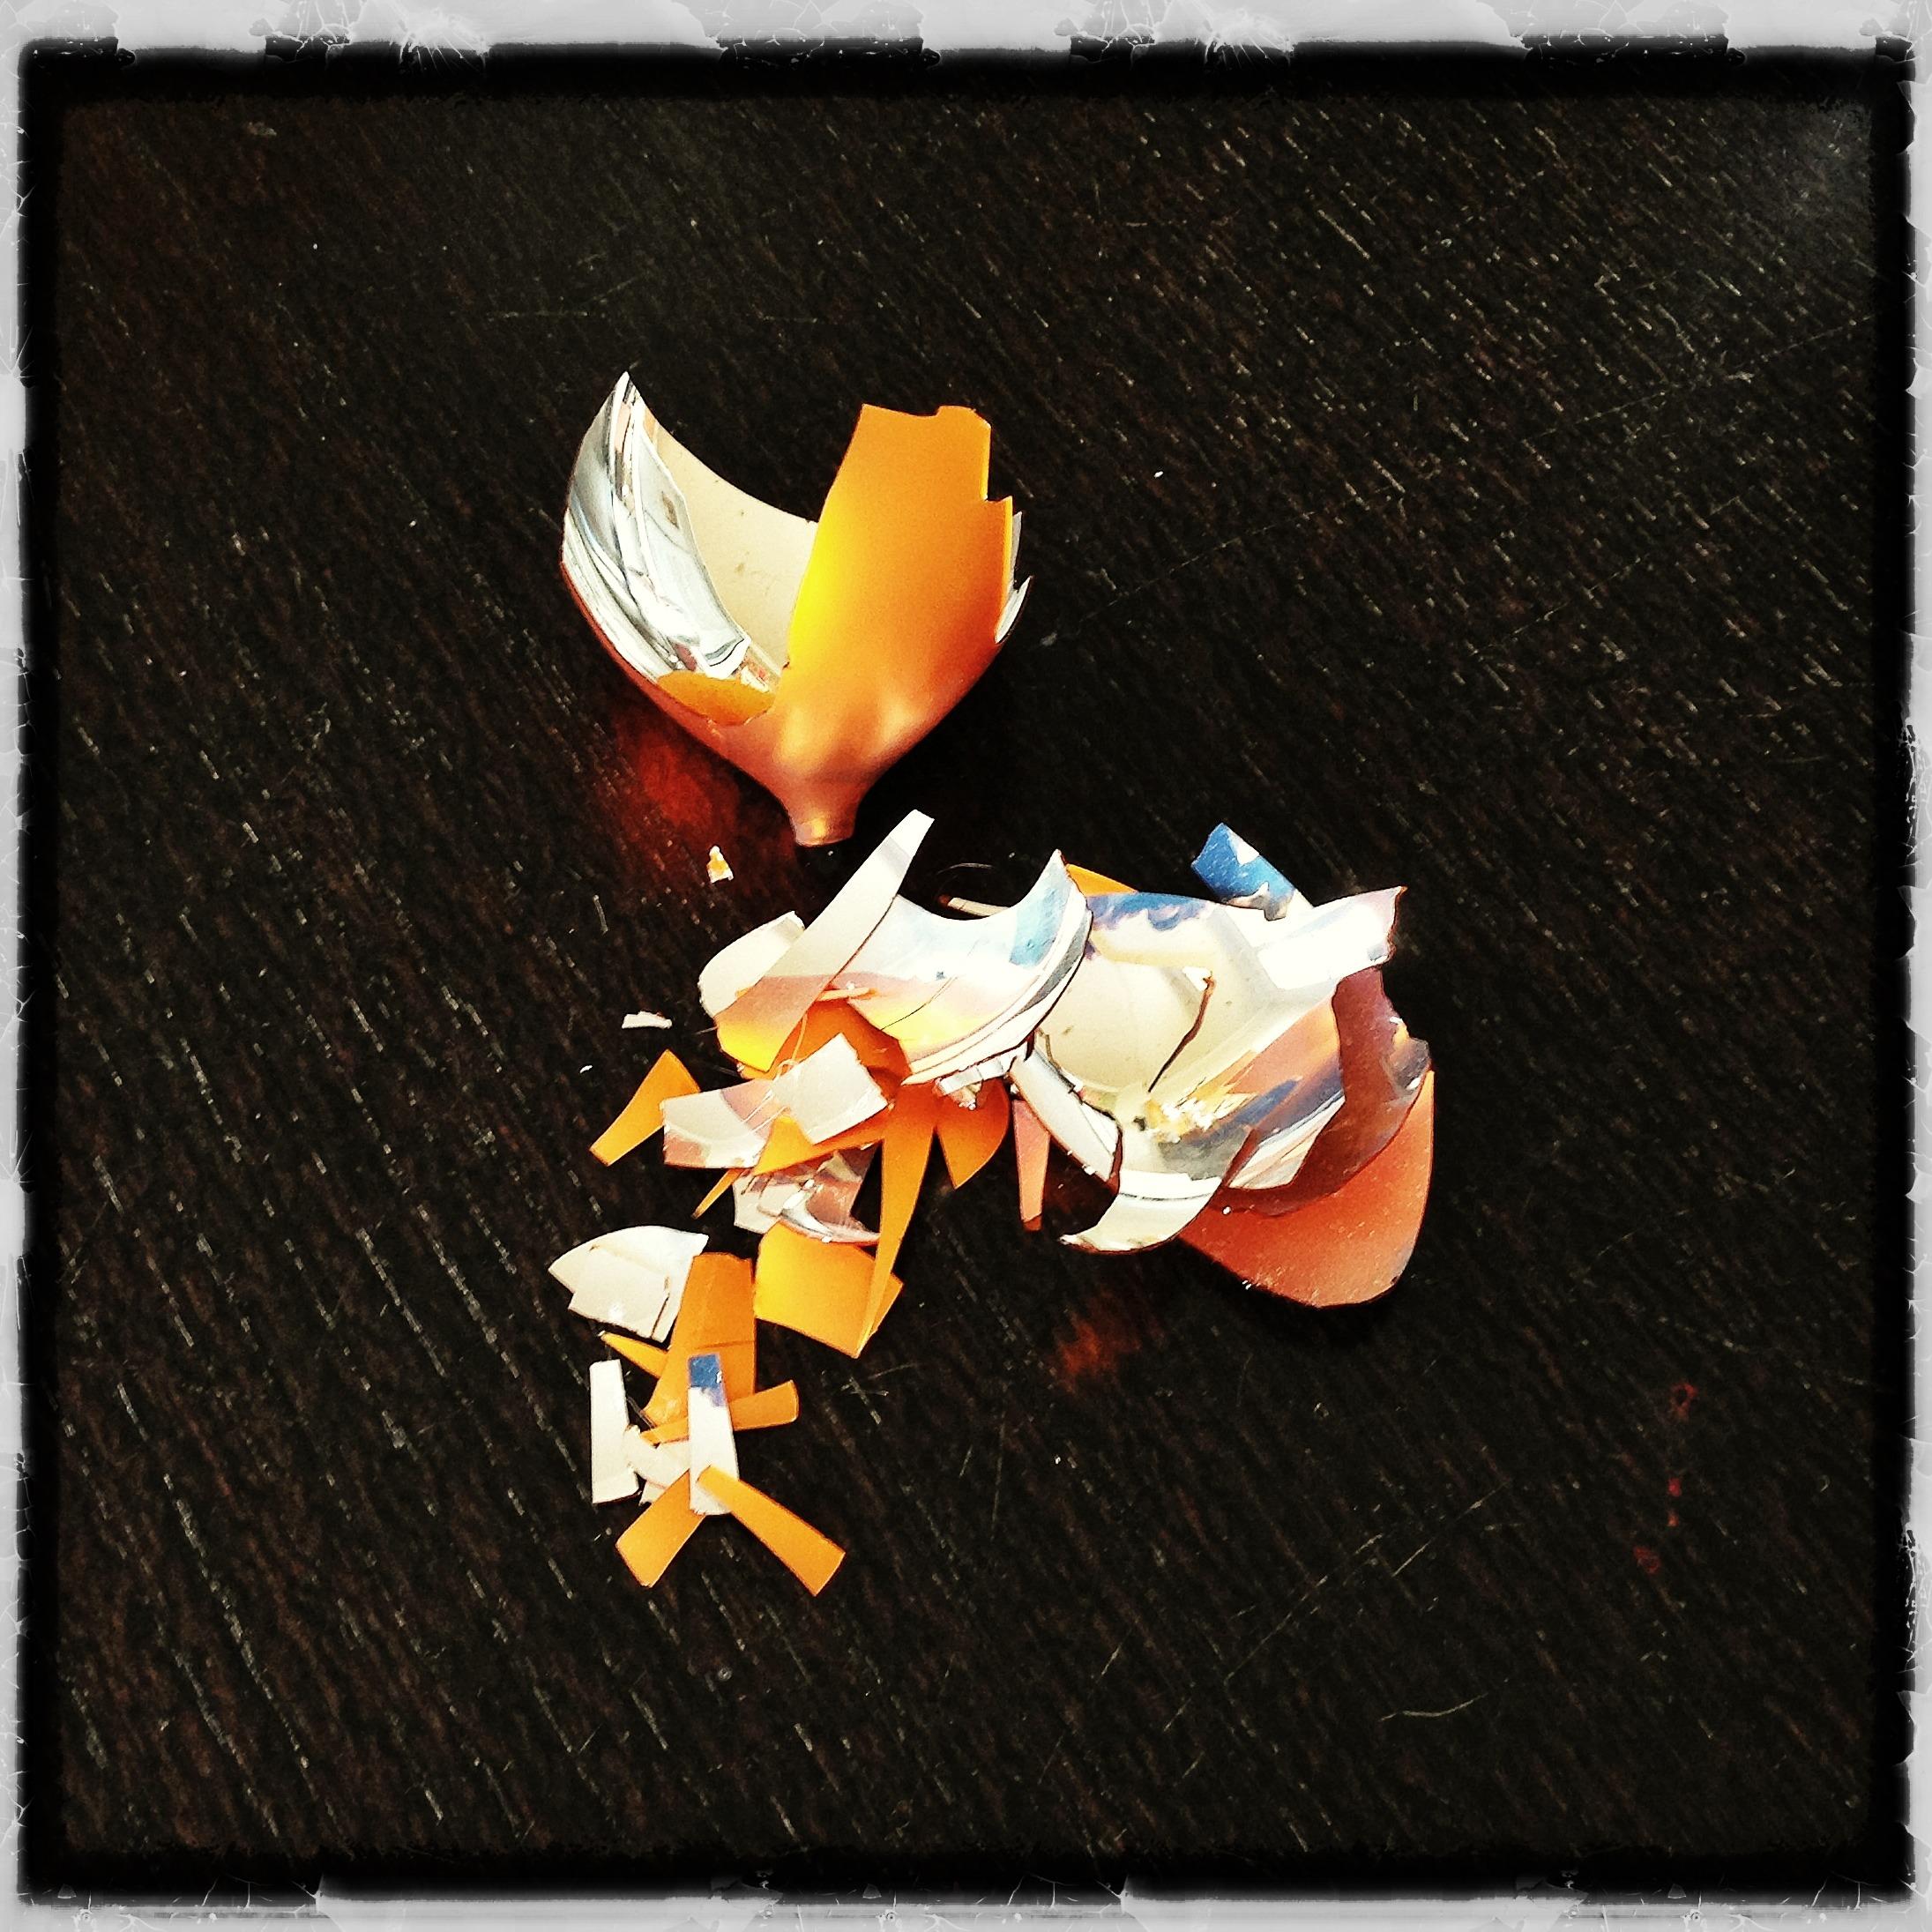 2012-12-05-Ornamentbroken.jpg